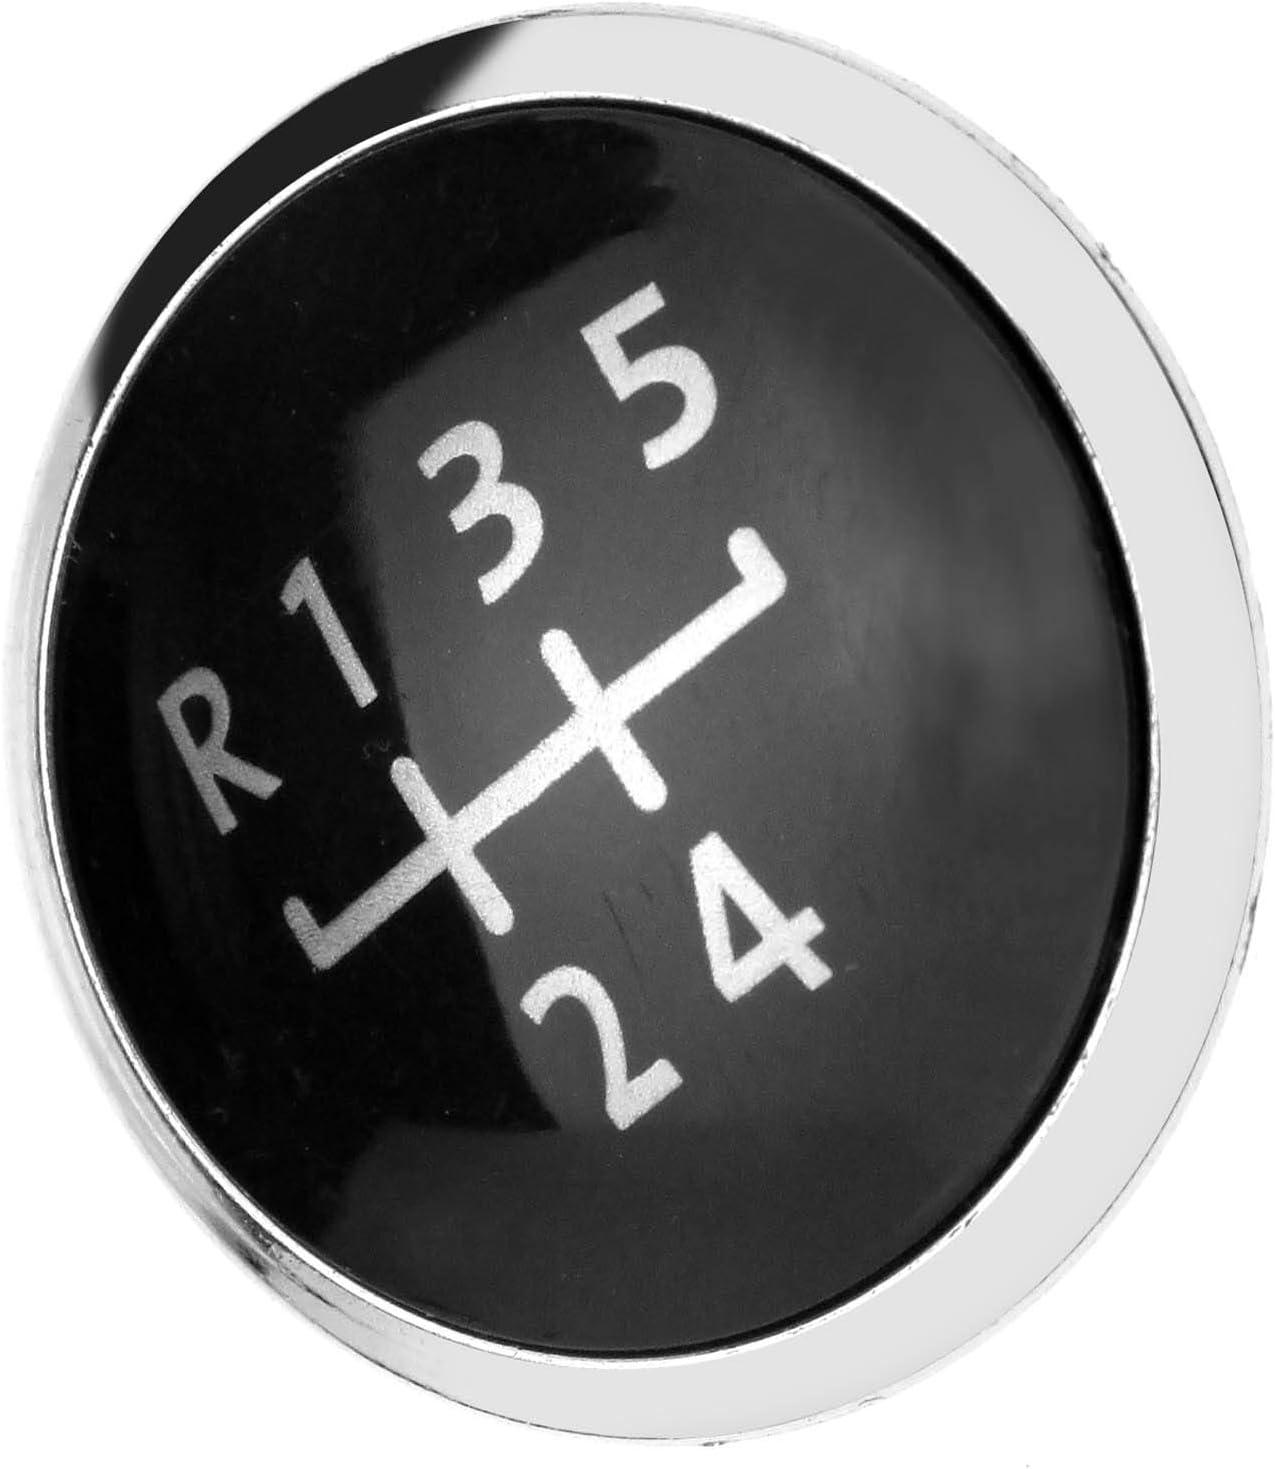 ENET 6/velocit/à rotonda pomello tappo Gear